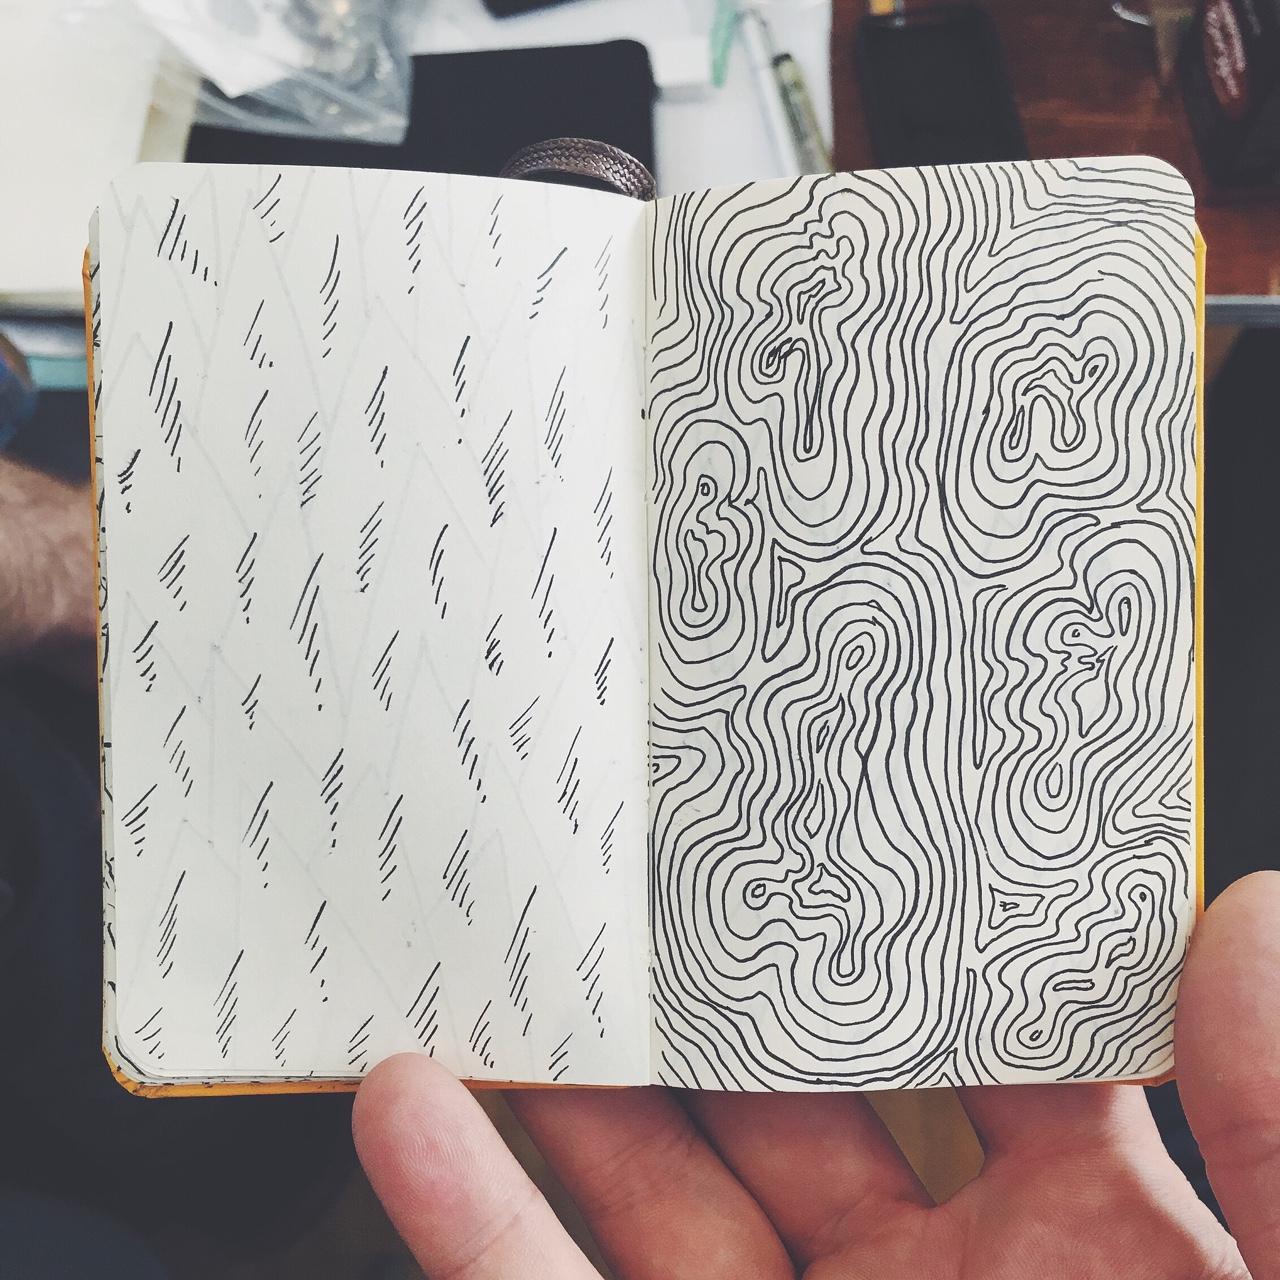 Iny-Patterns-by-J-Jonny-8